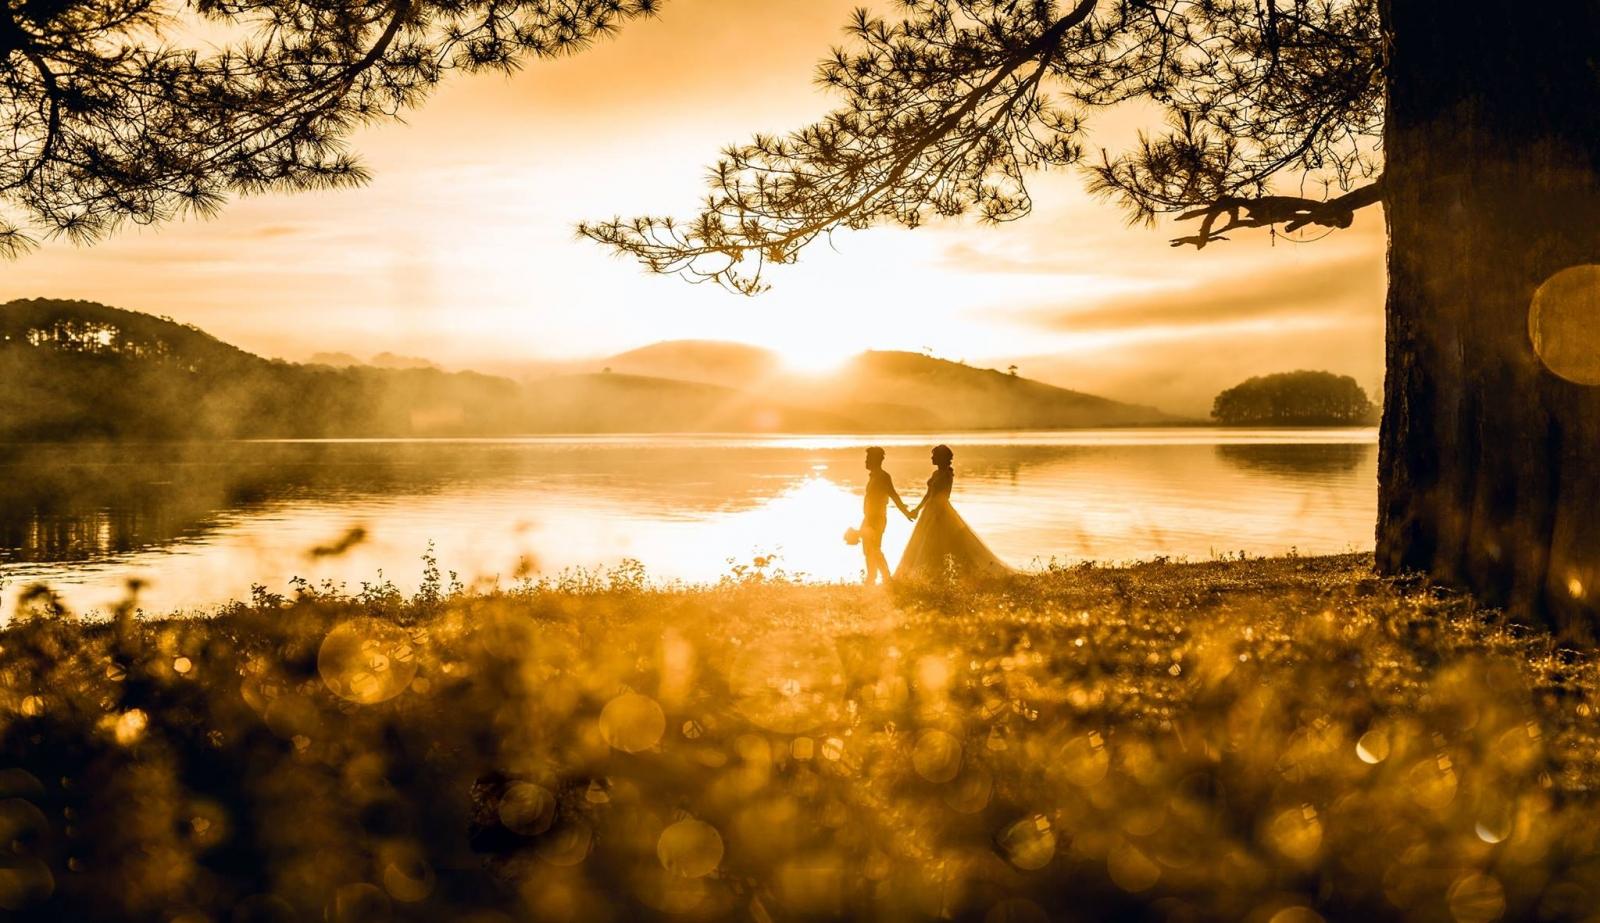 Studio chụp ảnh cưới đẹp Đà Lạt 2021